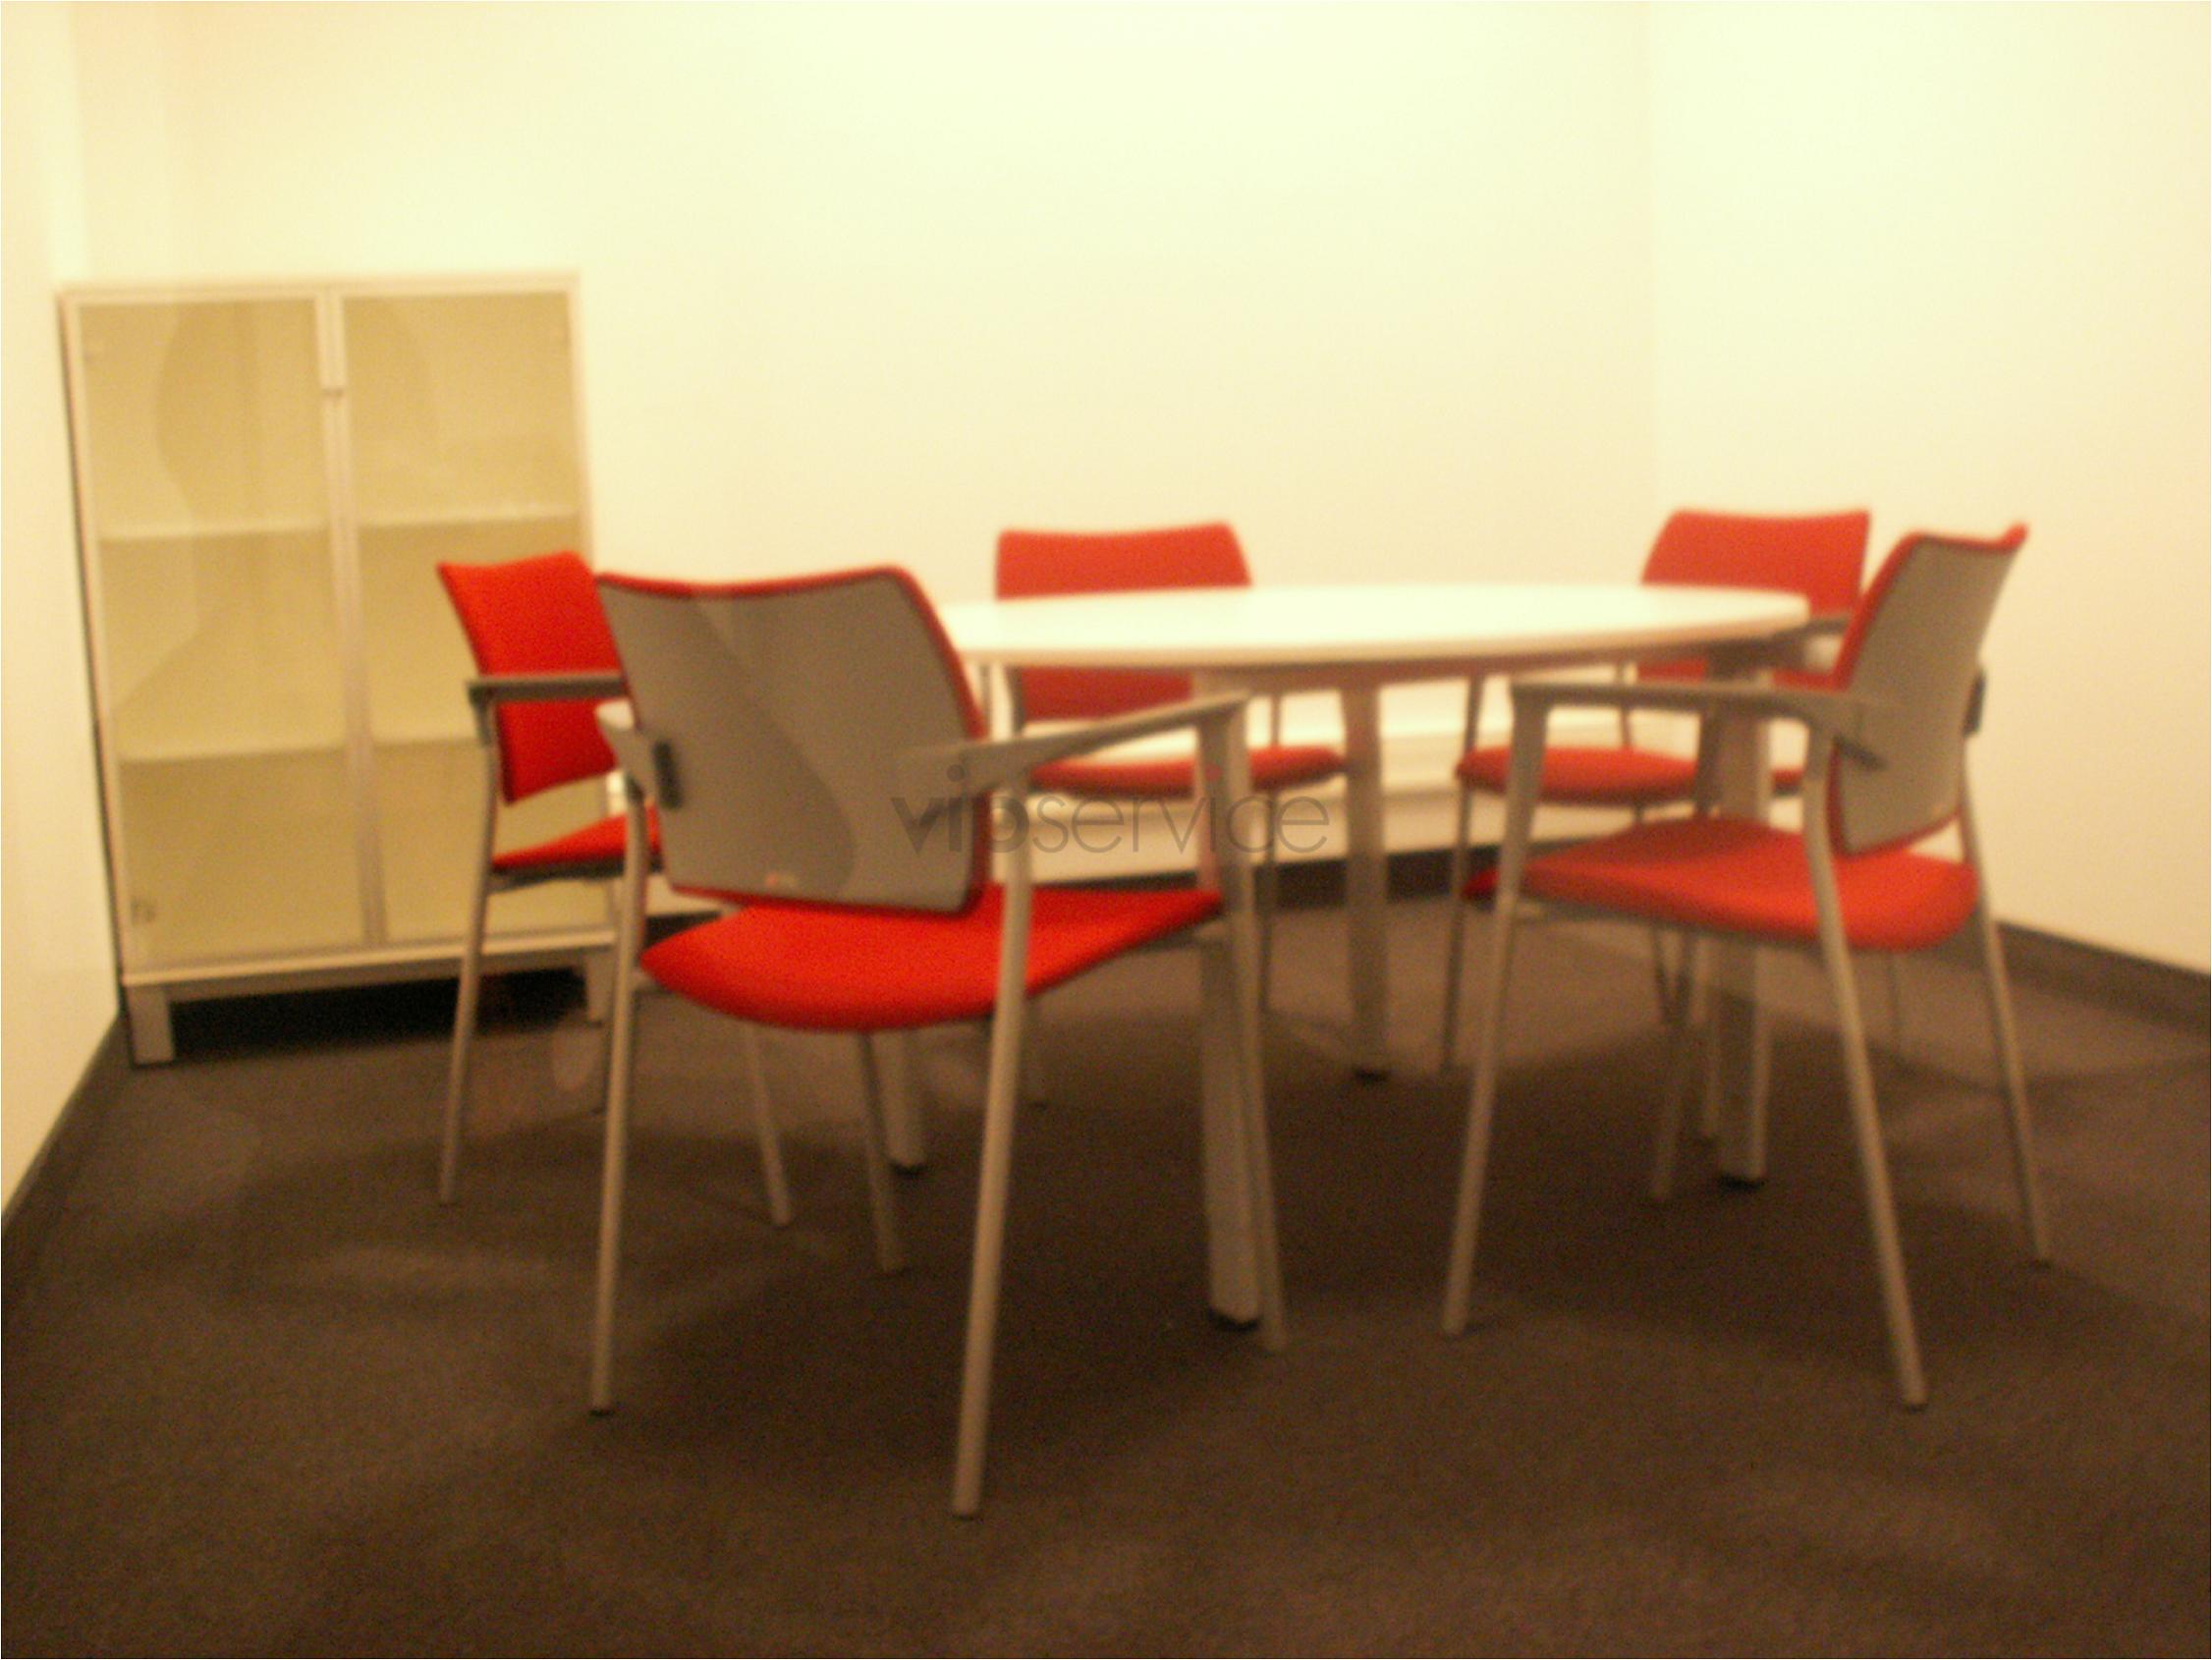 Okrągły stolik i oryginalne krzesła z czerwonymi obiciami w salce konferencyjnej.